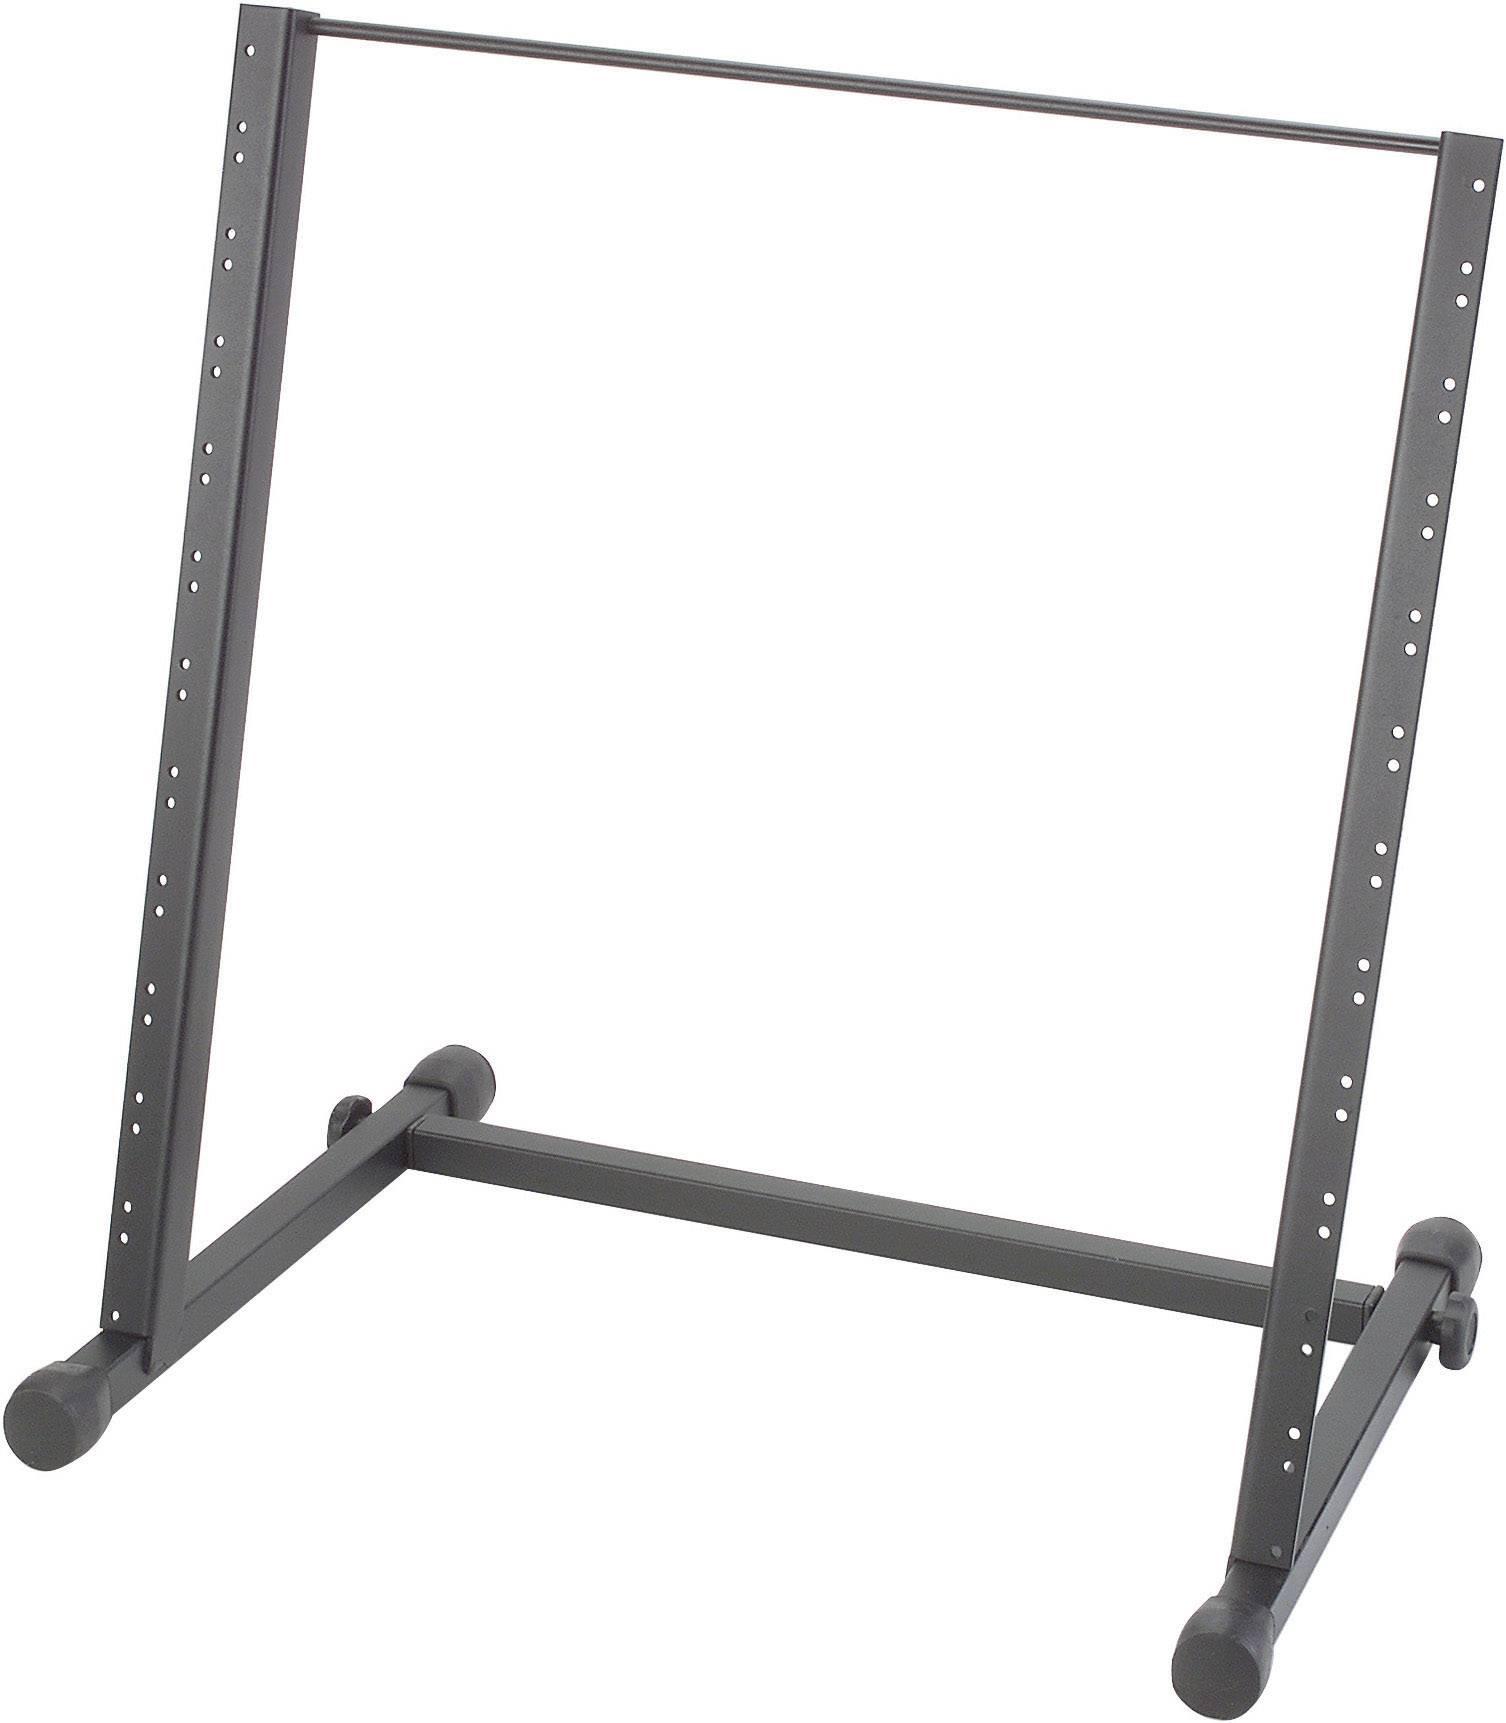 19palcový rackový stojan Studio 360773, 12 U, ocel